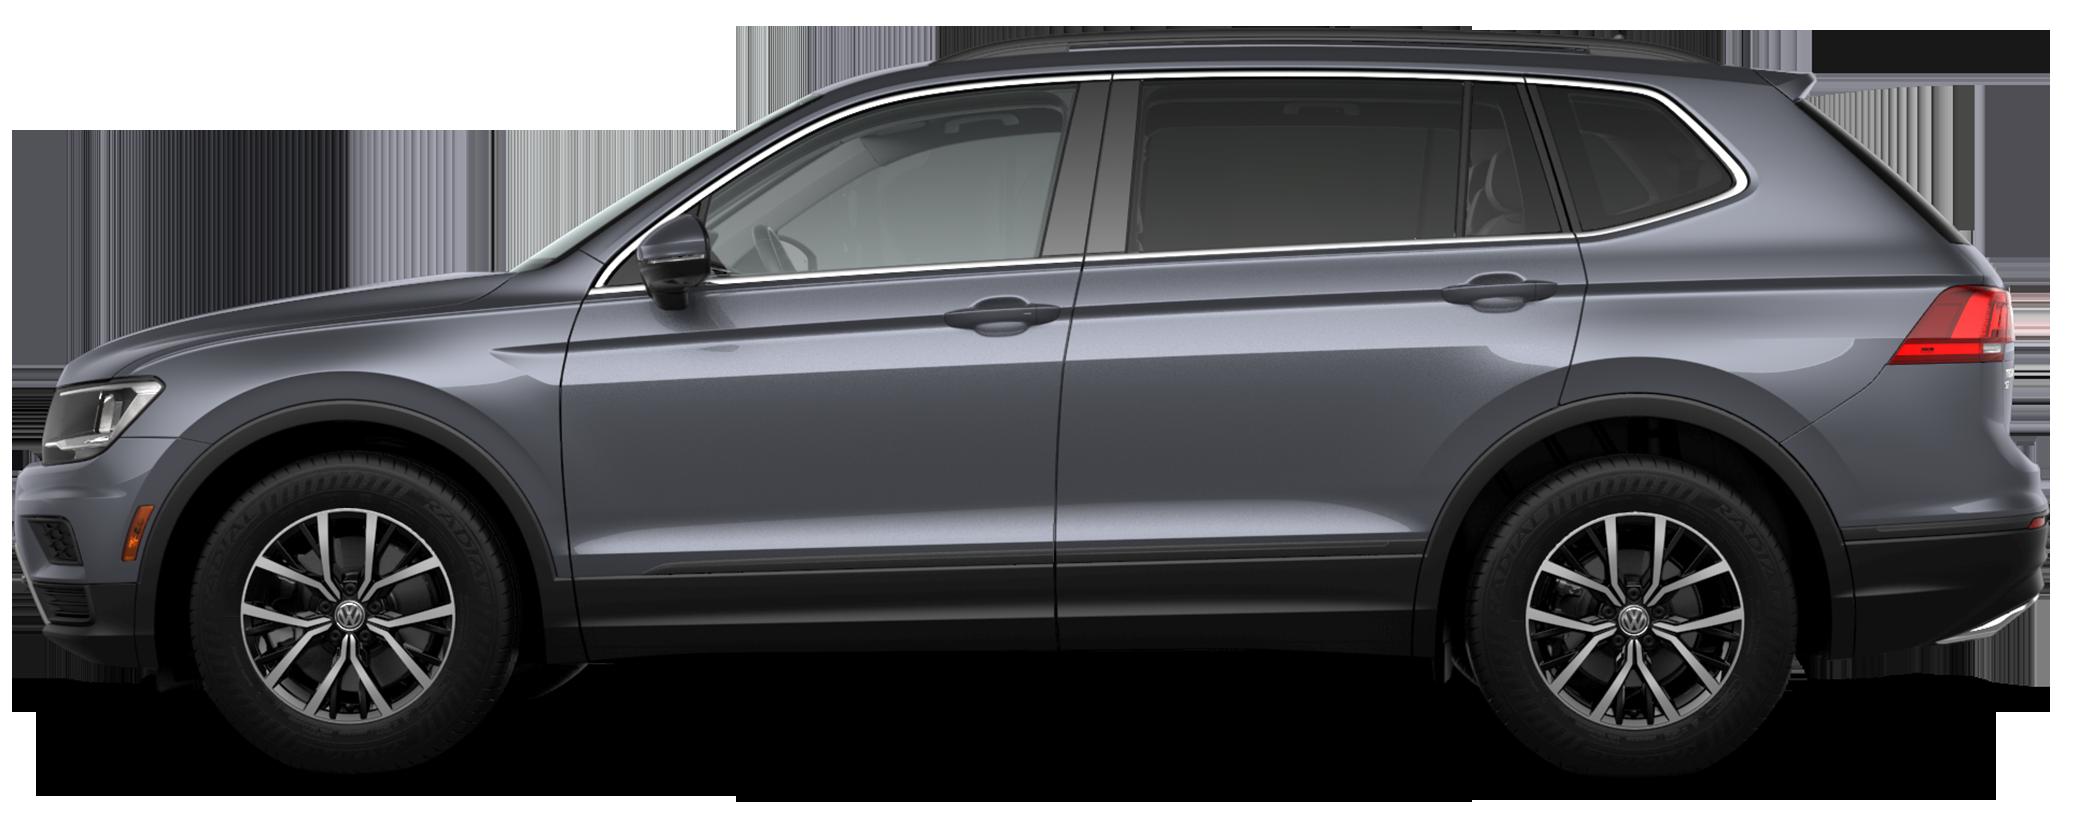 2021 Volkswagen Tiguan SUV 2.0T SE 4MOTION